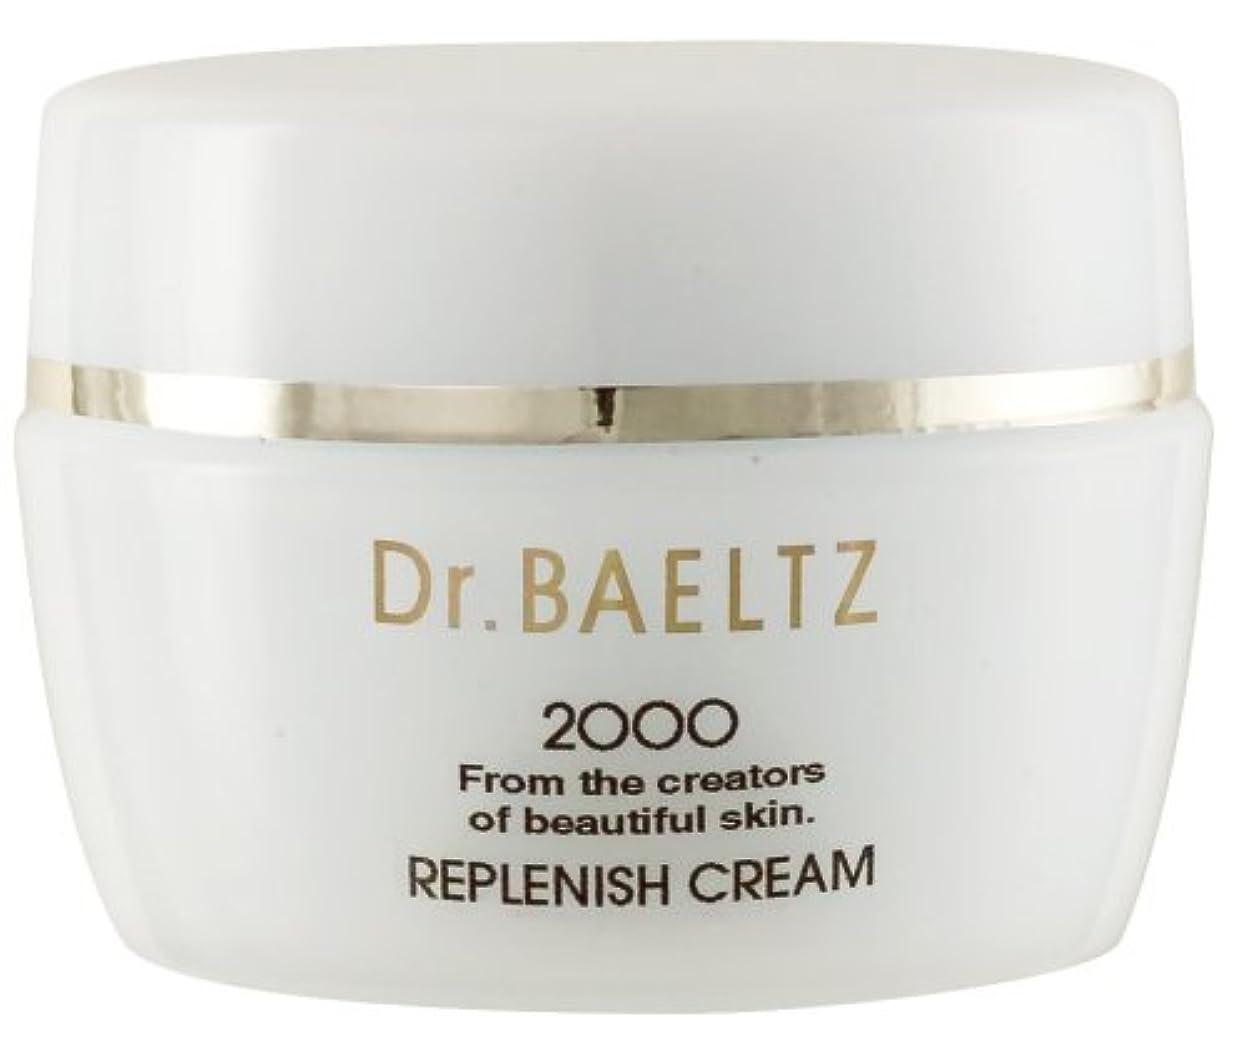 彼らは息苦しい電池ドクターベルツ(Dr.BAELTZ) リプレニッシュクリーム 40g(保湿クリーム)